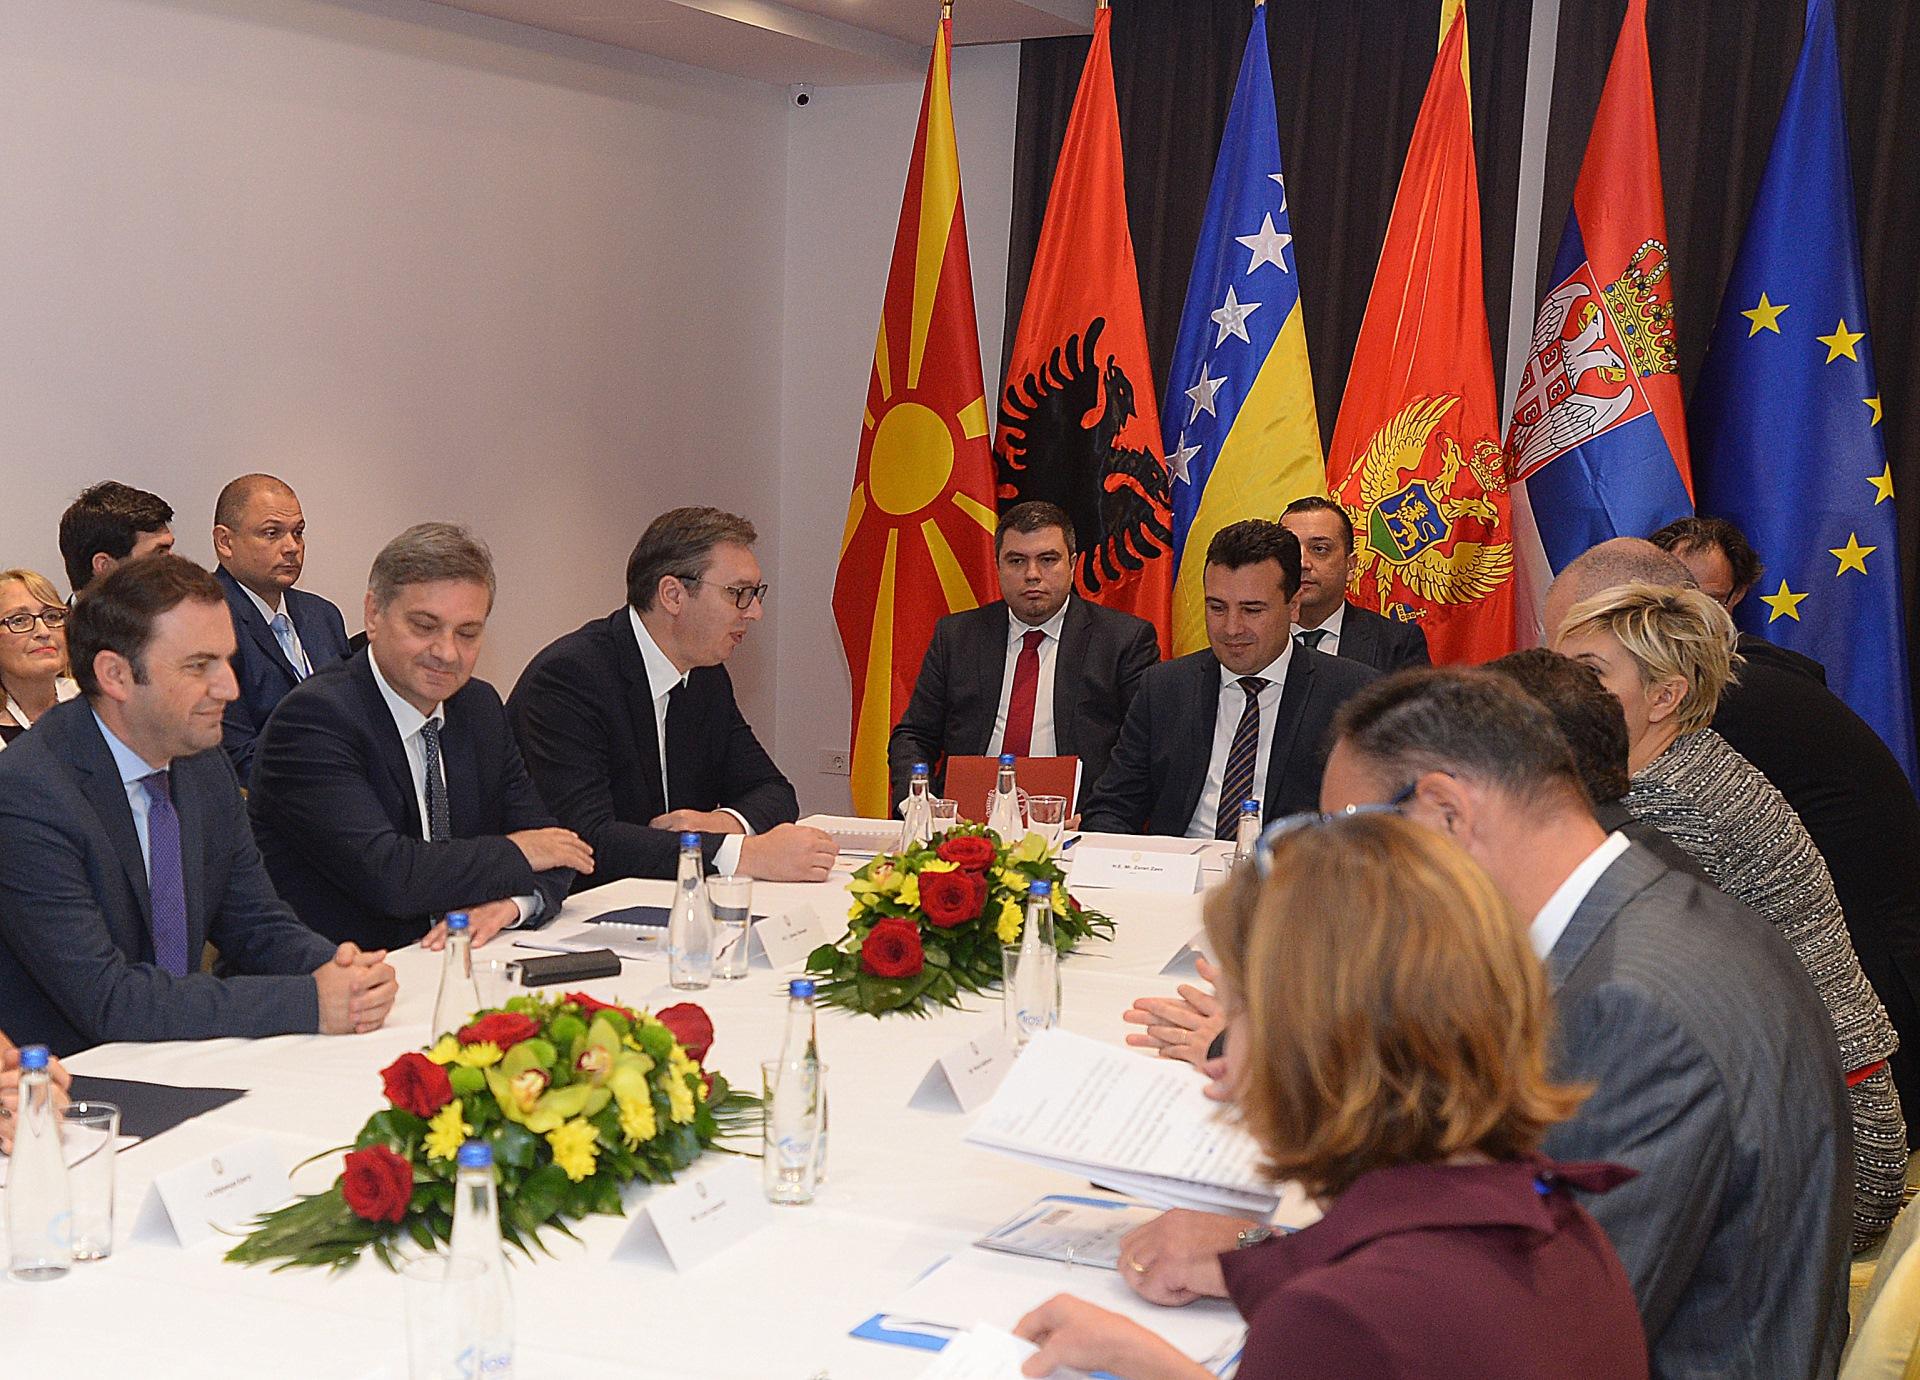 Predsednik Srbije Aleksandar Vucic dobri sastanci i odluke u Ohridu, ocekujem napade